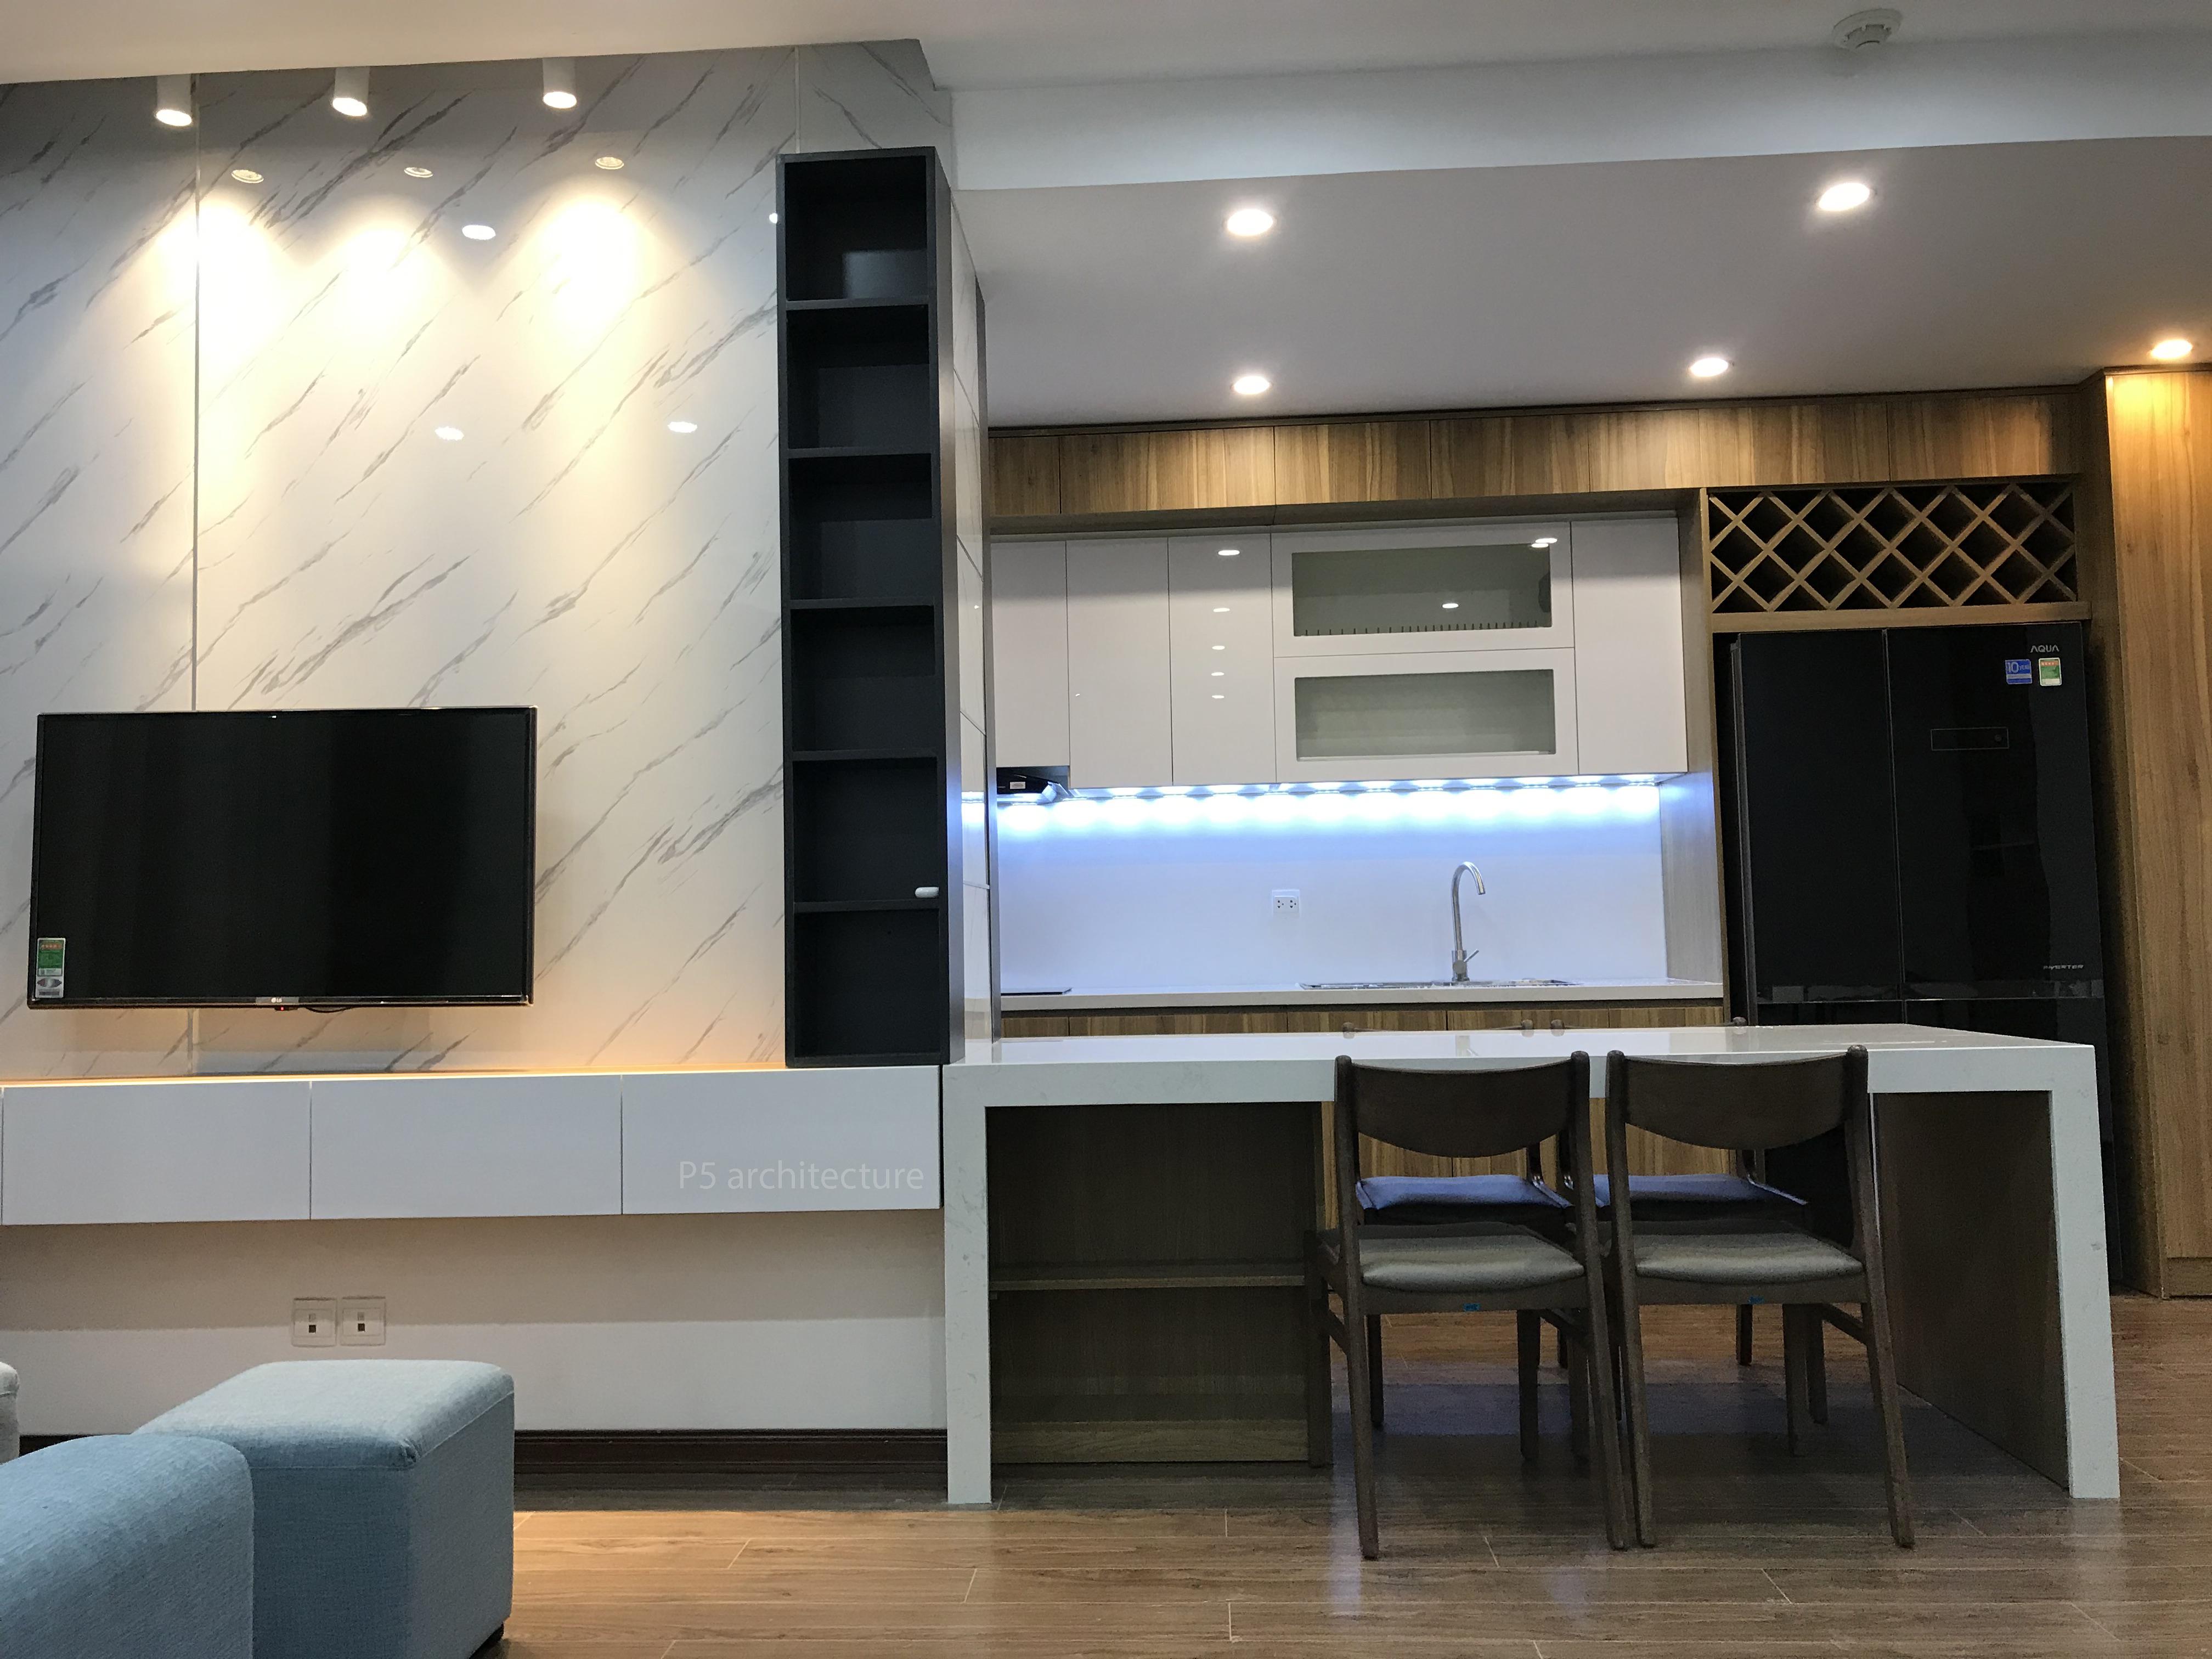 thiết kế nội thất chung cư tại Hà Nội Nội thất D'Capitale 1 1562756698